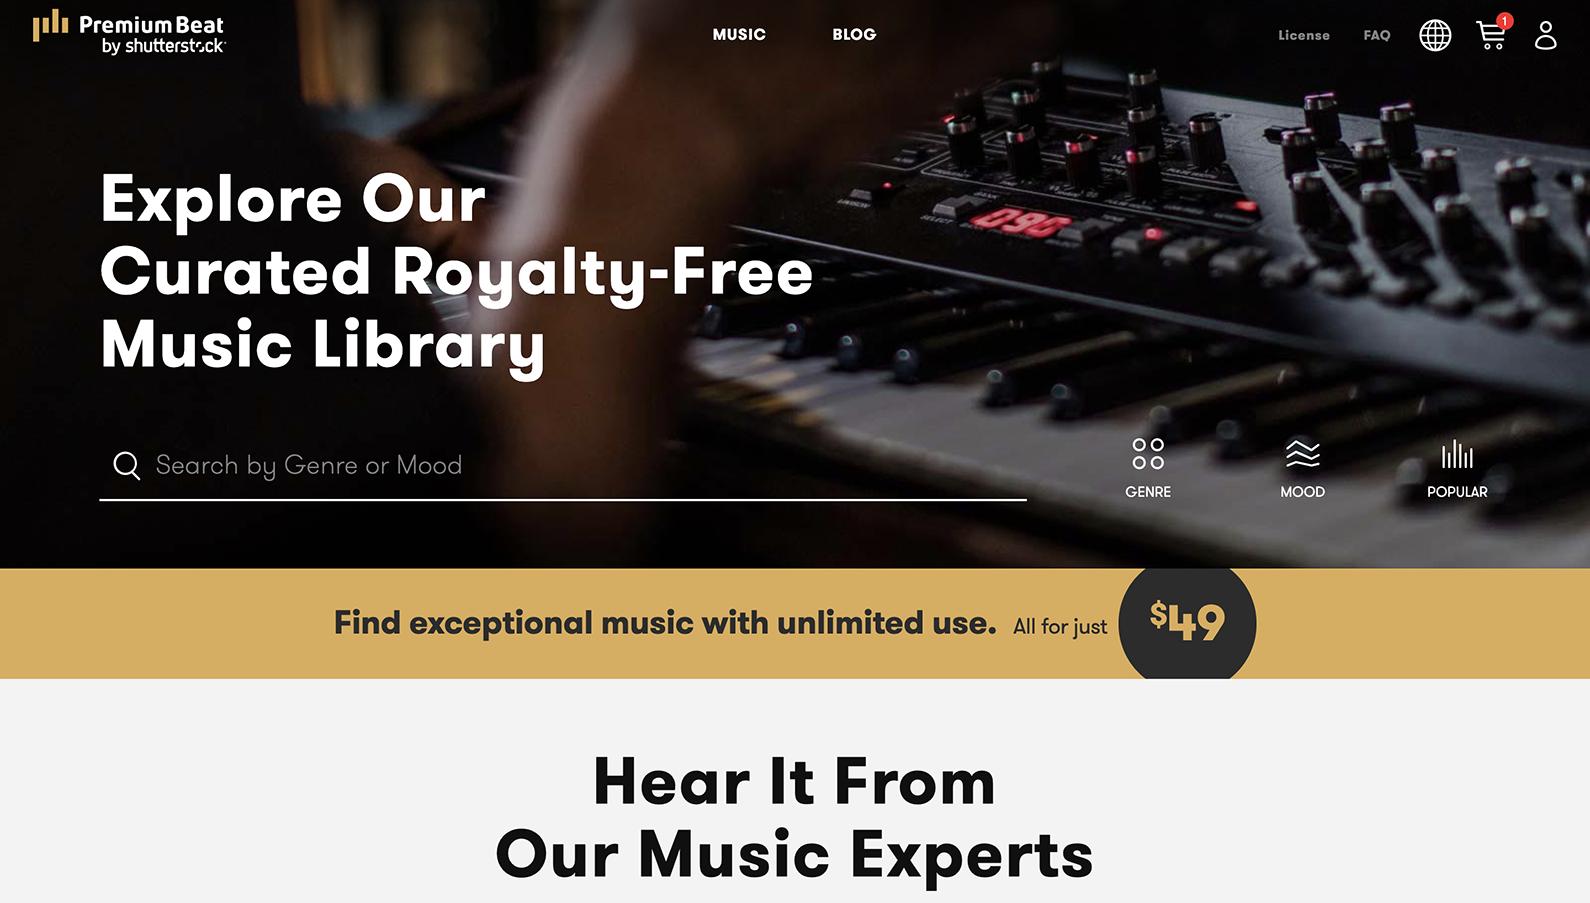 Screenshot von Premium Beat, einem Tool zum Quellen von kostenloser Musik für Videos